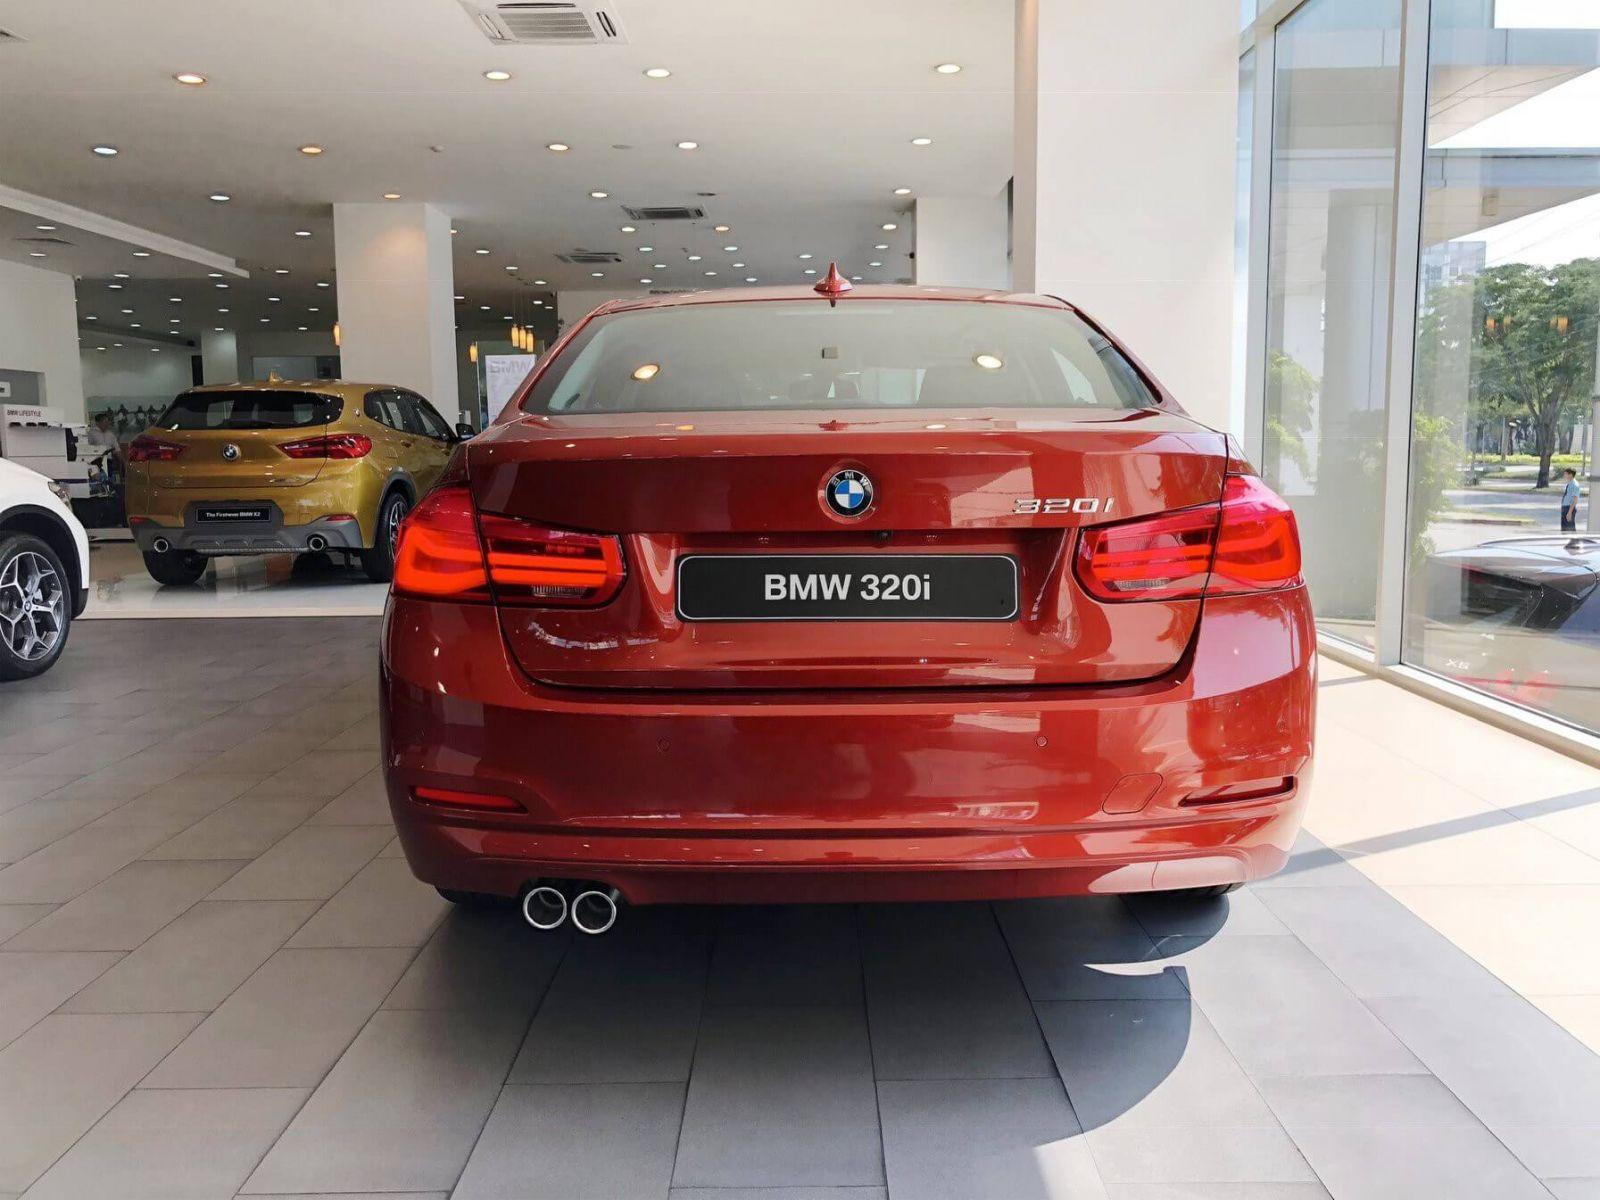 BMW Nha Trang